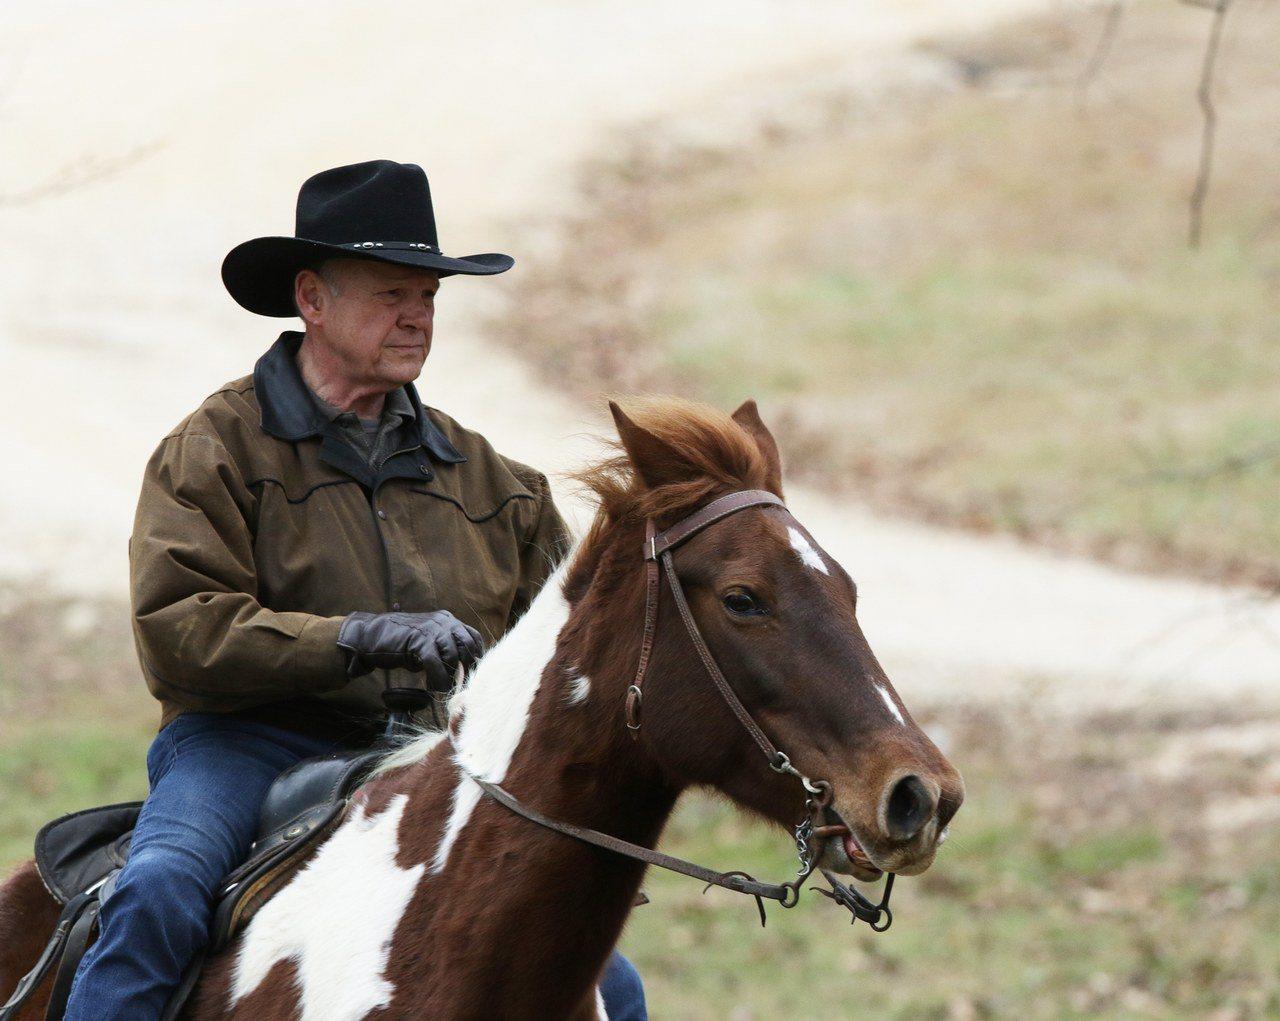 共和黨聯邦參議員候選人摩爾12日騎馬投票。歐新社